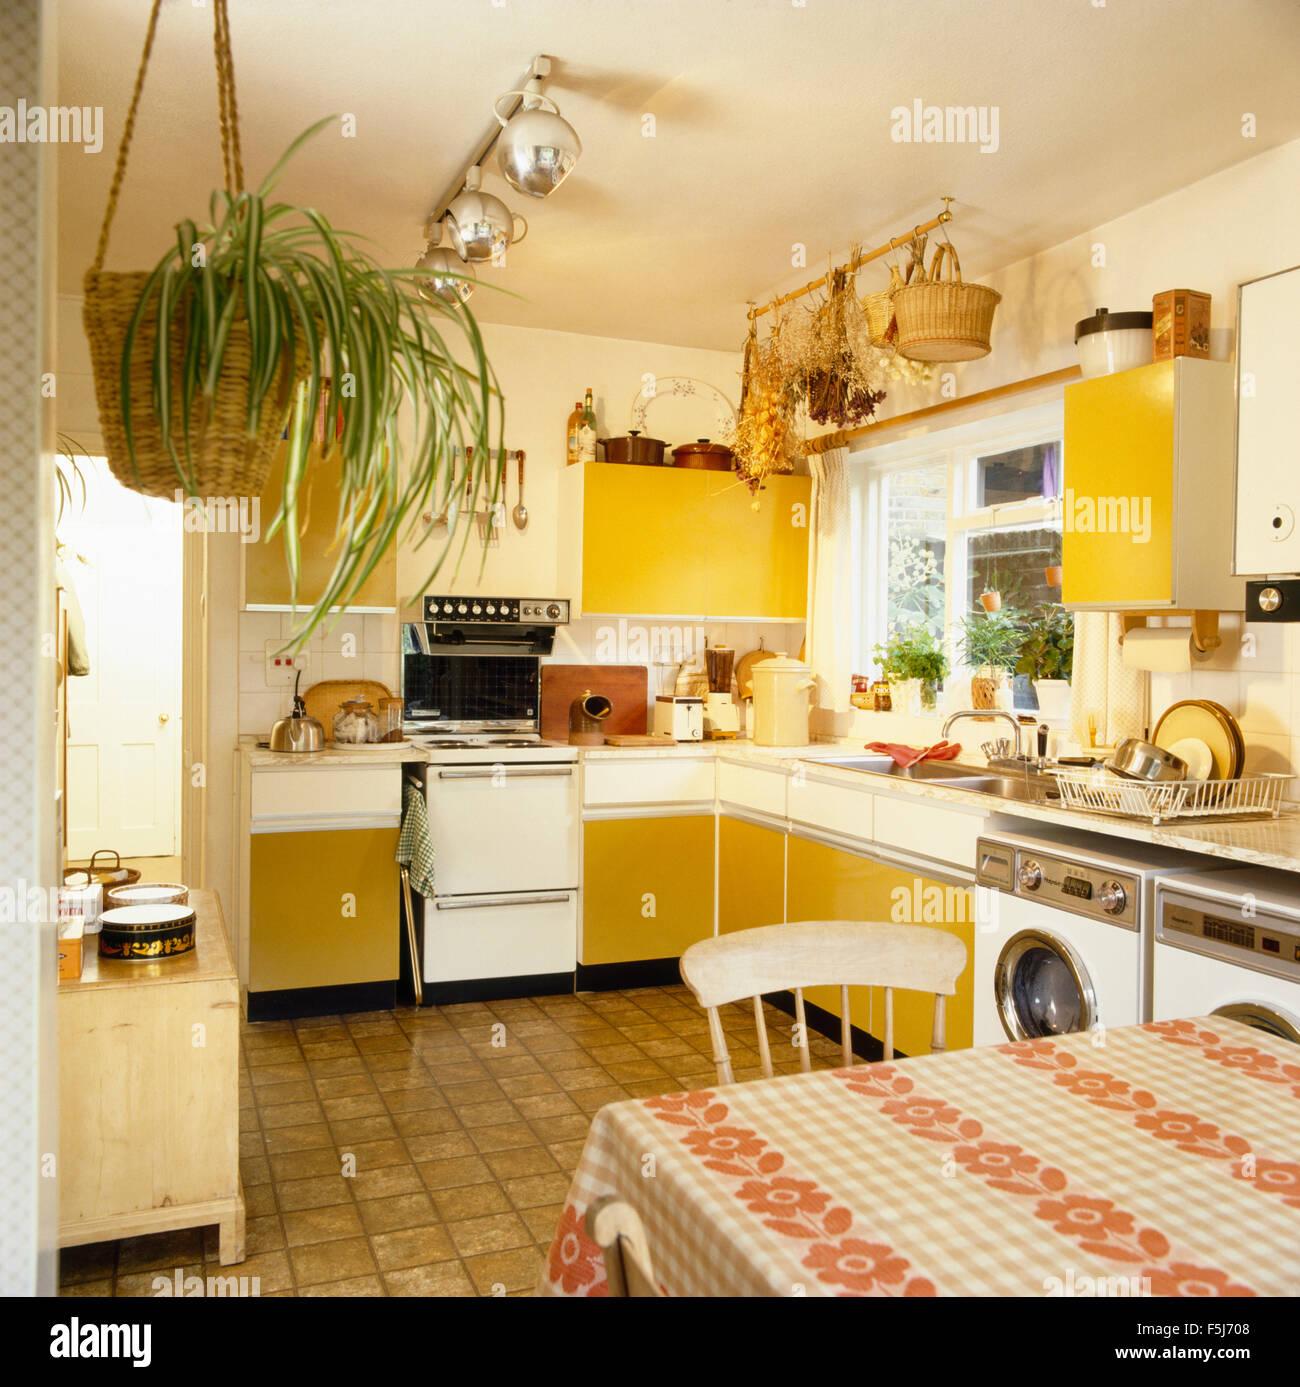 Gelbe Türen Einbauschränke in einem 70er Jahre Küche mit ...